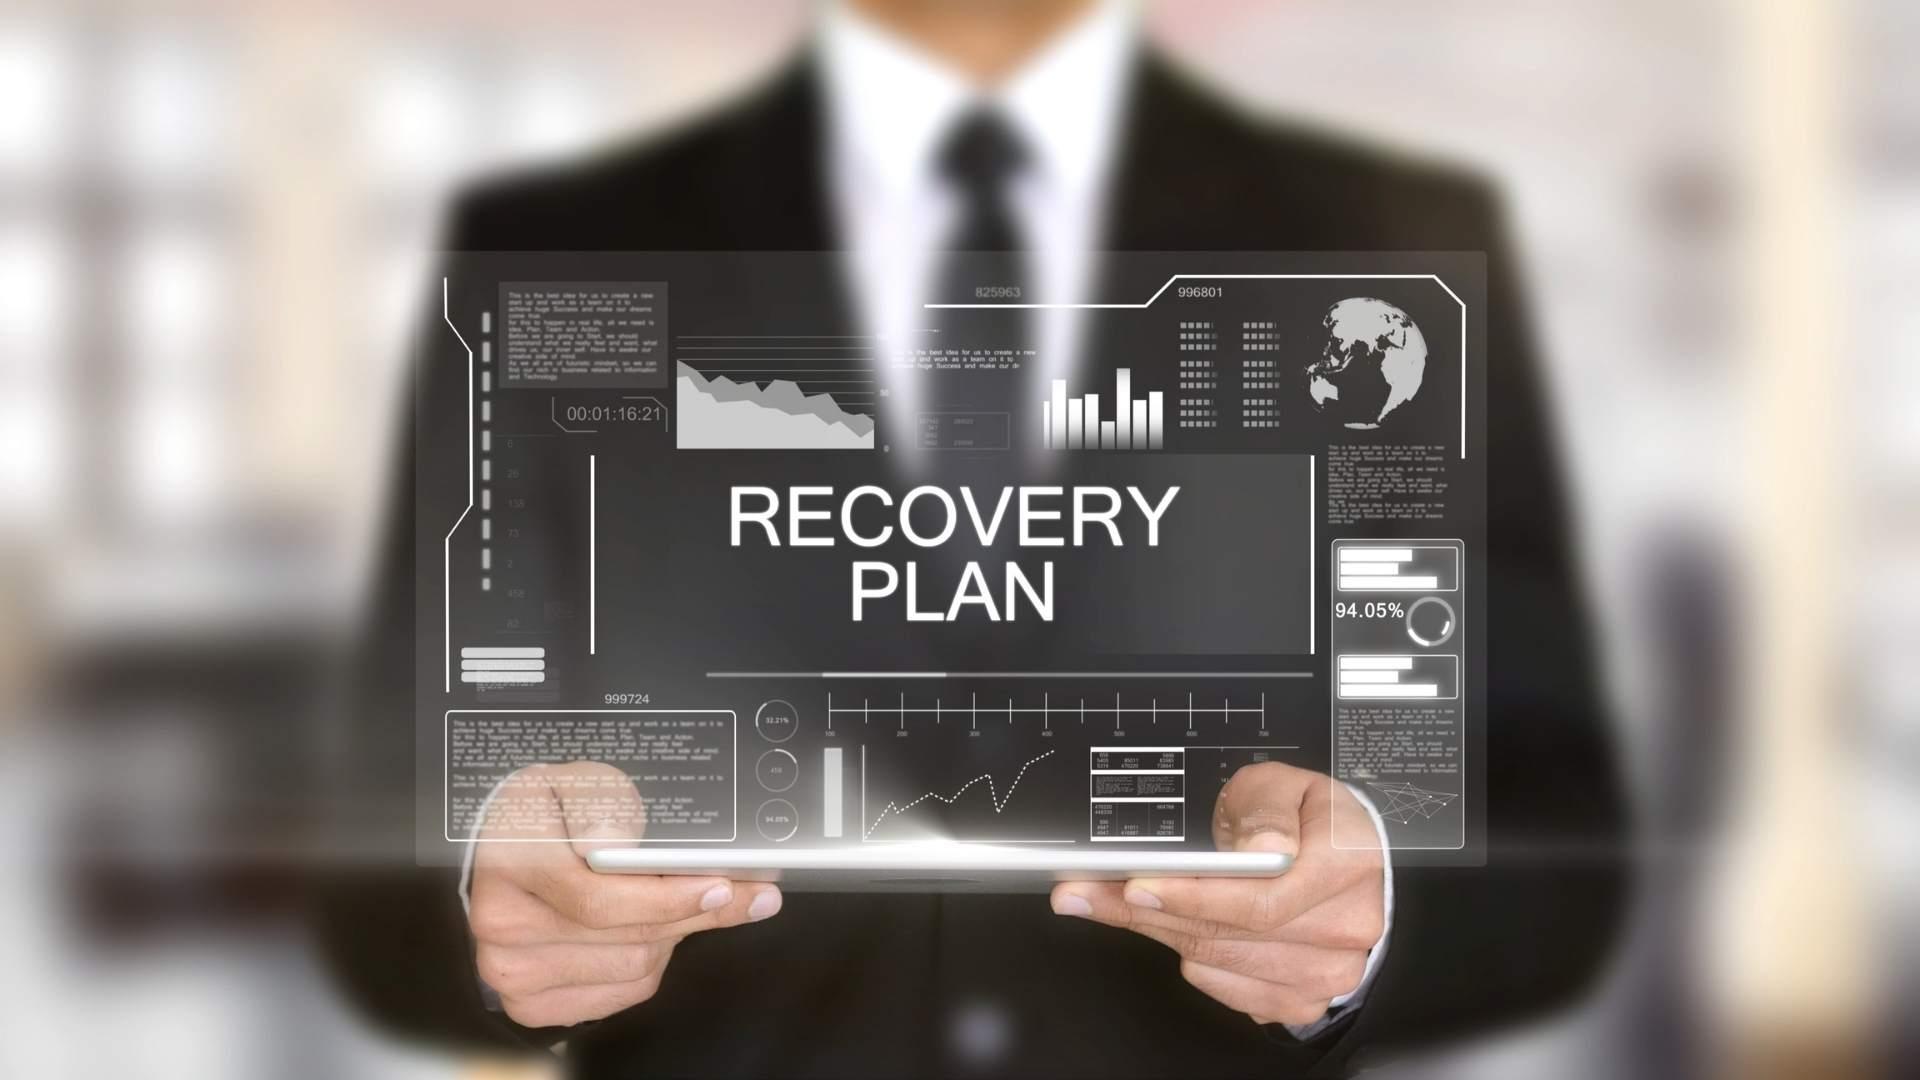 Servicios de la mesa de ayuda de IT: 6 cuestiones a considerar al crear un plan de recuperación ante desastres